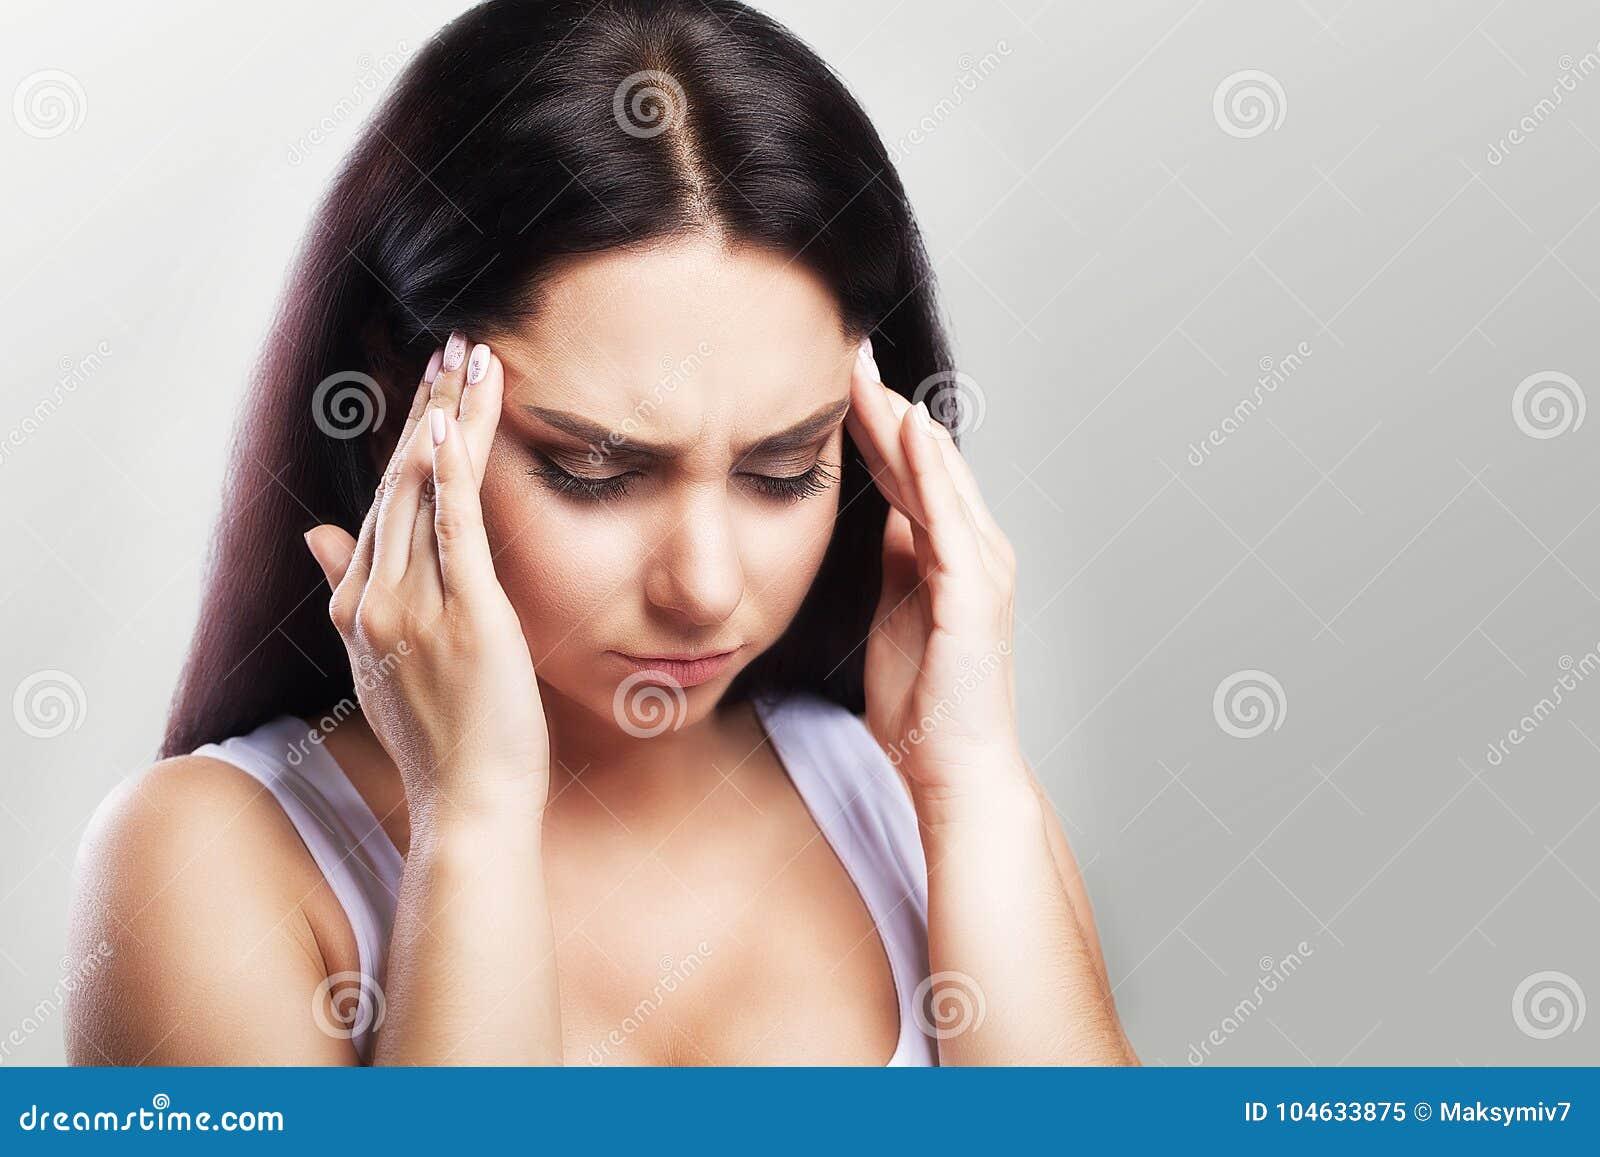 Download Hoofdpijn In Een Jong Meisje Migraine Moeheid Na Een Harde Werkdag Het Concept Gezondheid Op Een Grijze Achtergrond Stock Afbeelding - Afbeelding bestaande uit concept, greep: 104633875